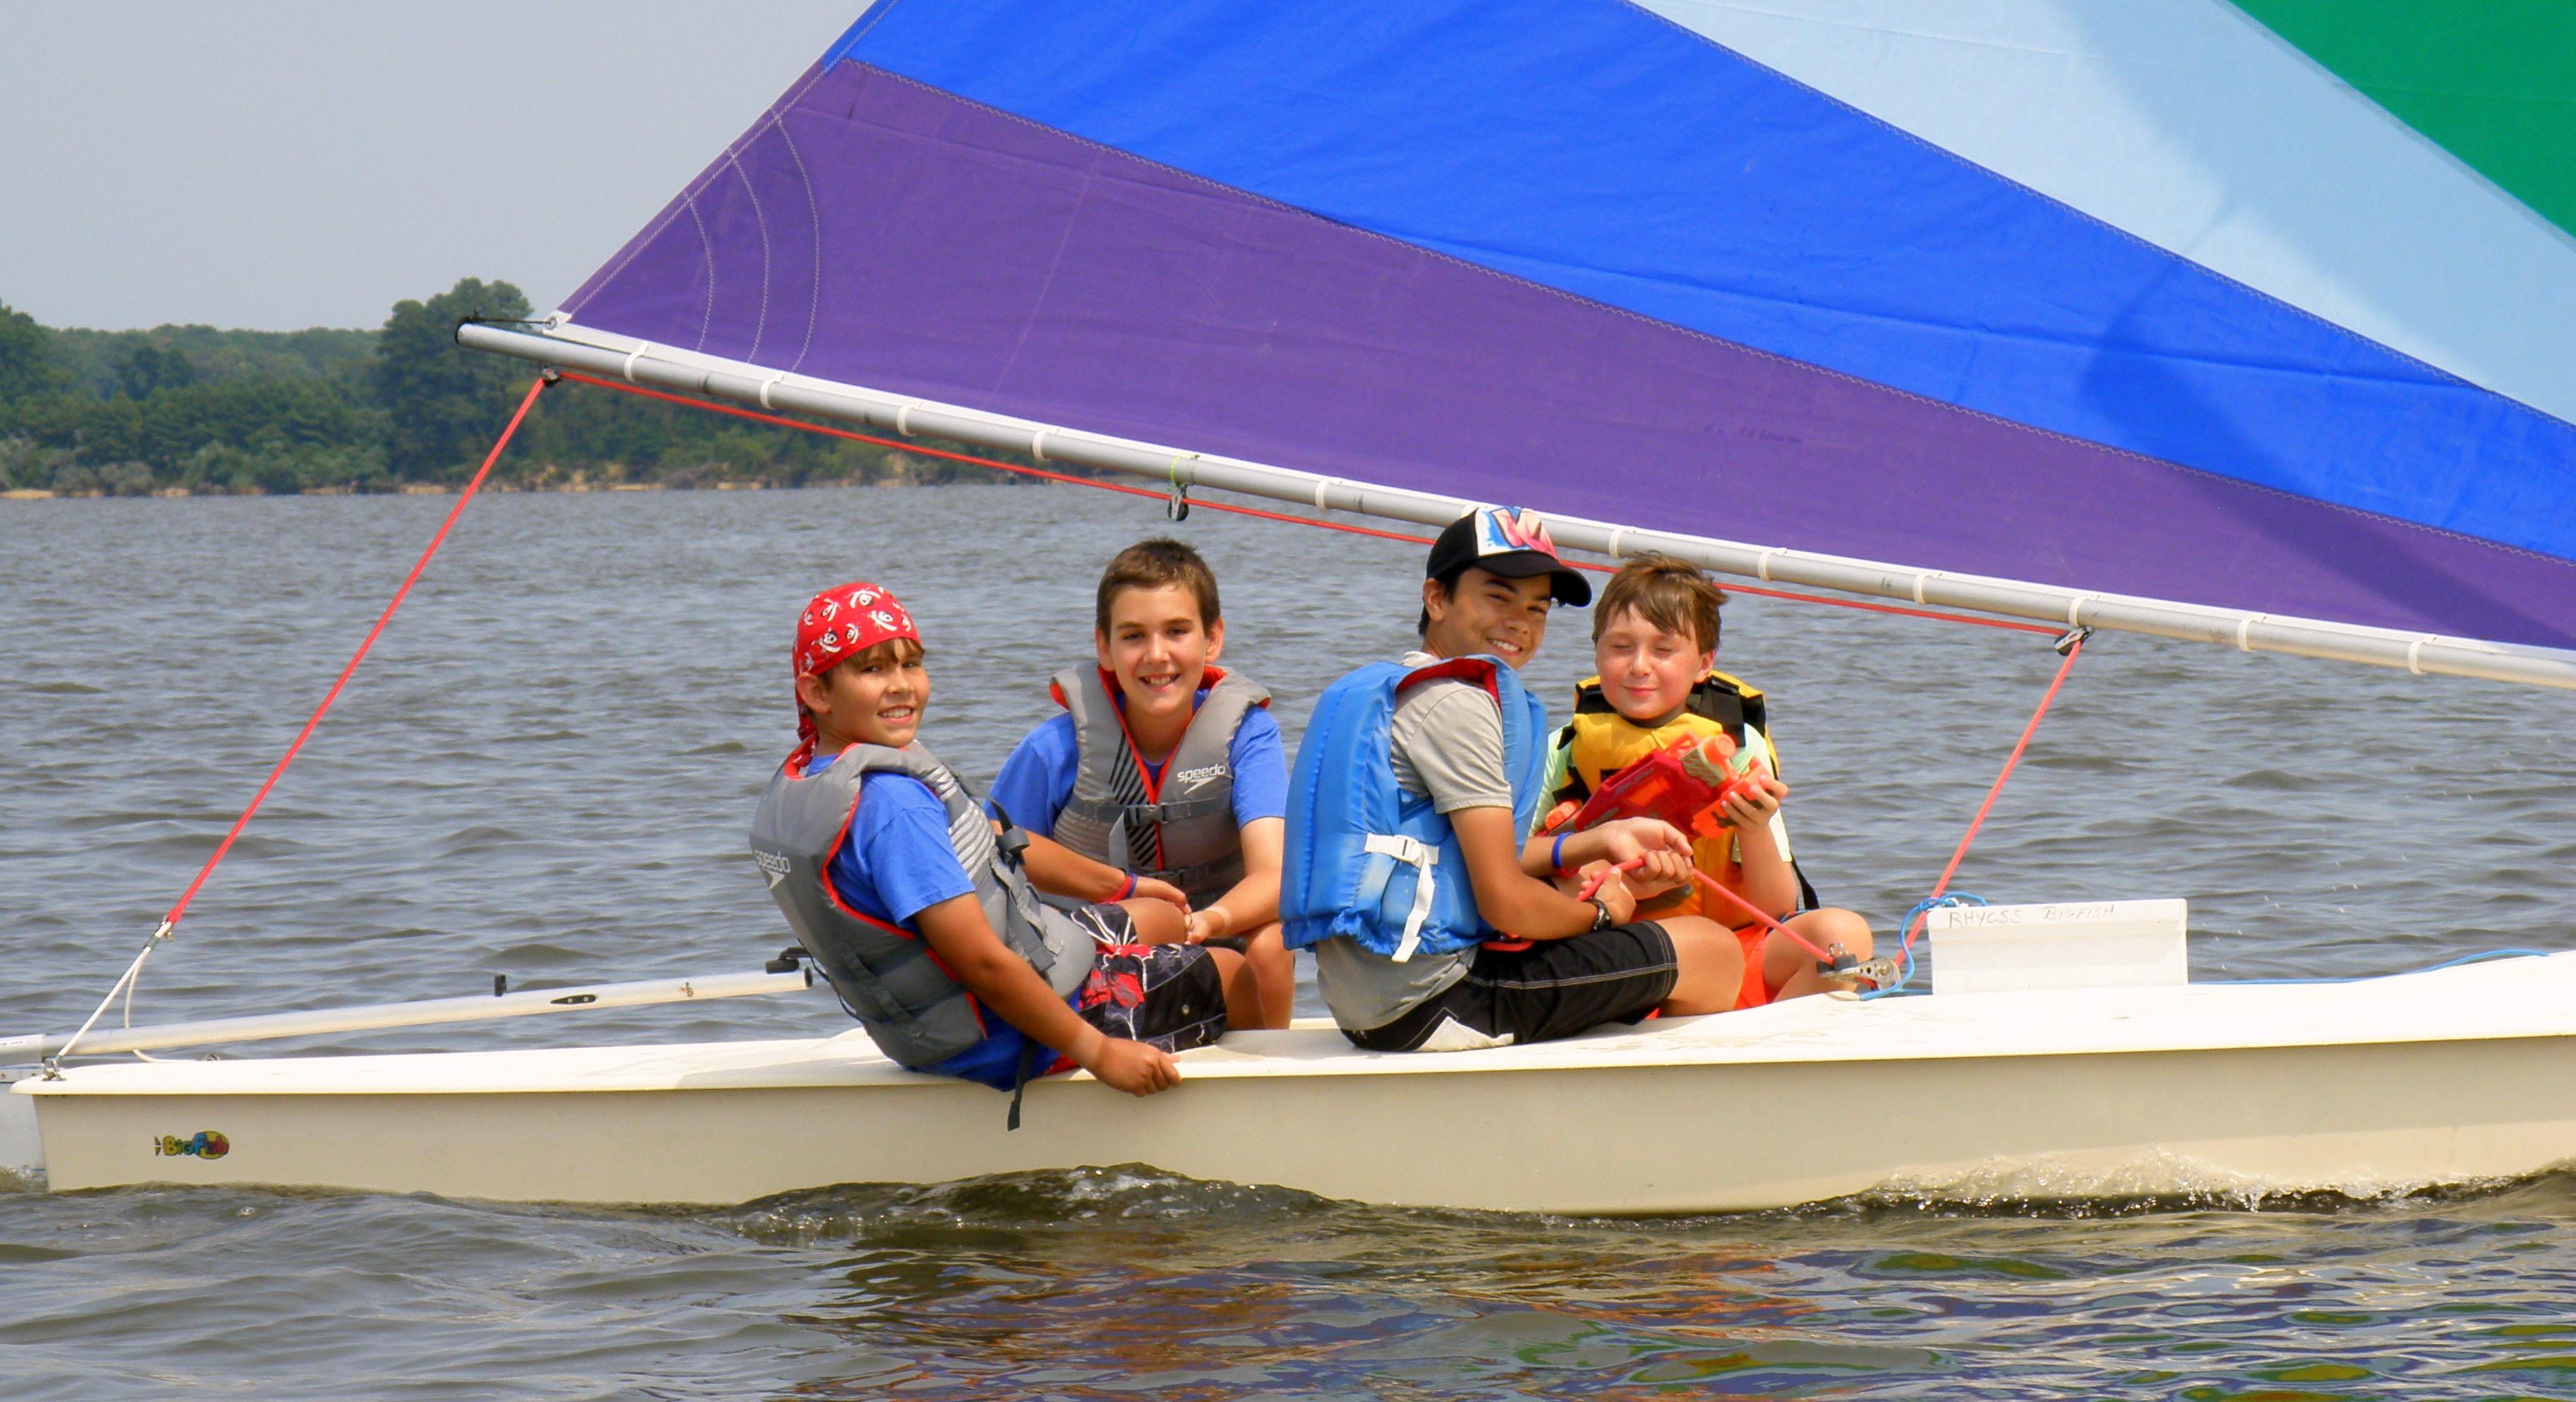 summer sailing rhycss